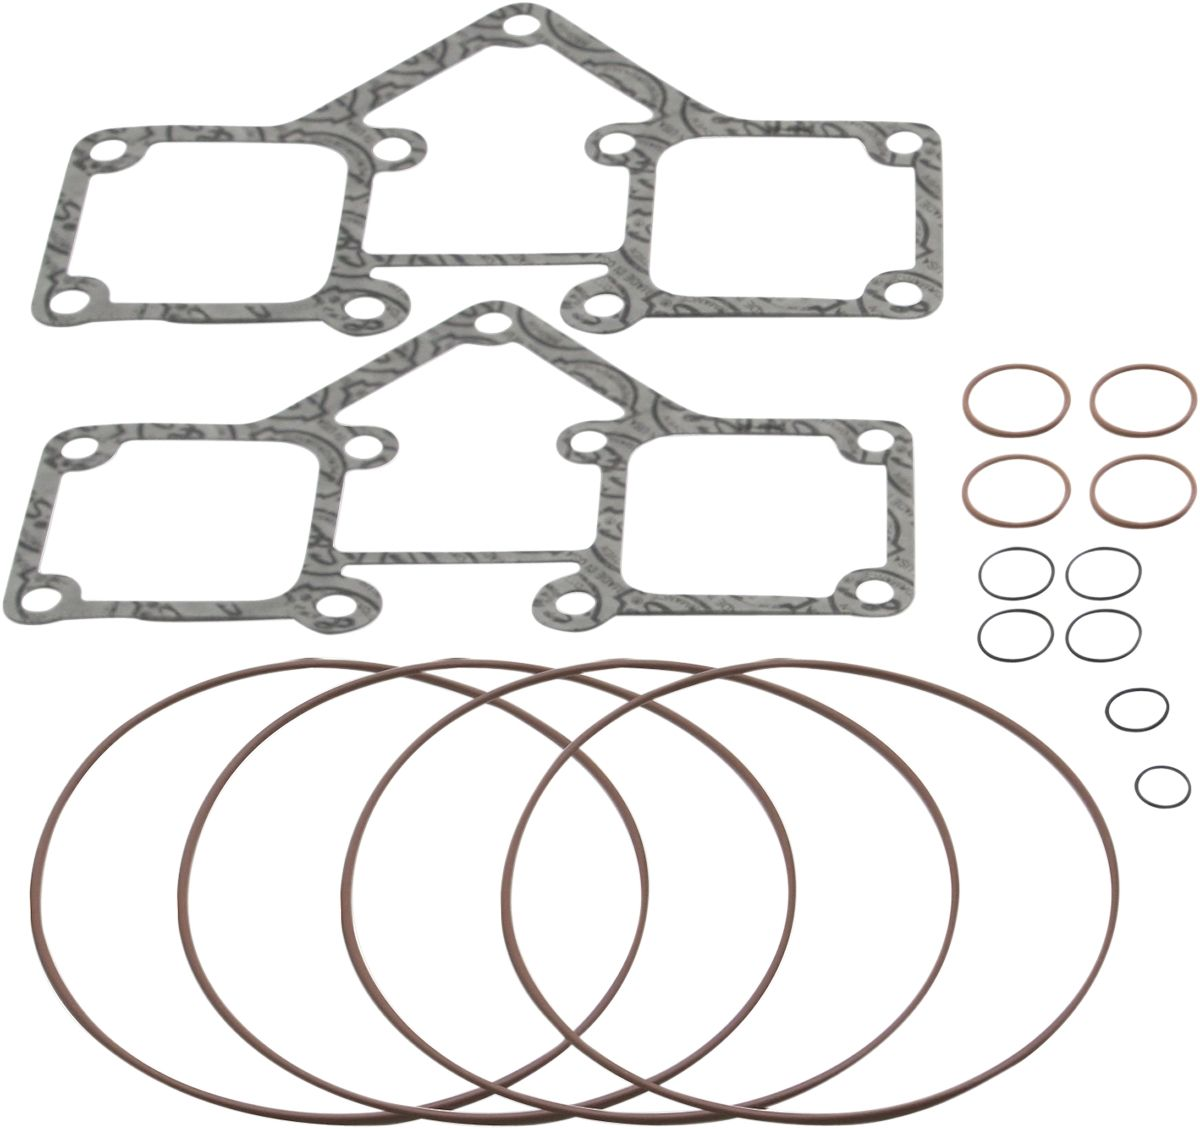 【S&S CYCLE】墊片組/ 搖臂蓋 S&S SH 【GASKET SET R.BOX S&S SH [0934-1571]】 - 「Webike-摩托百貨」